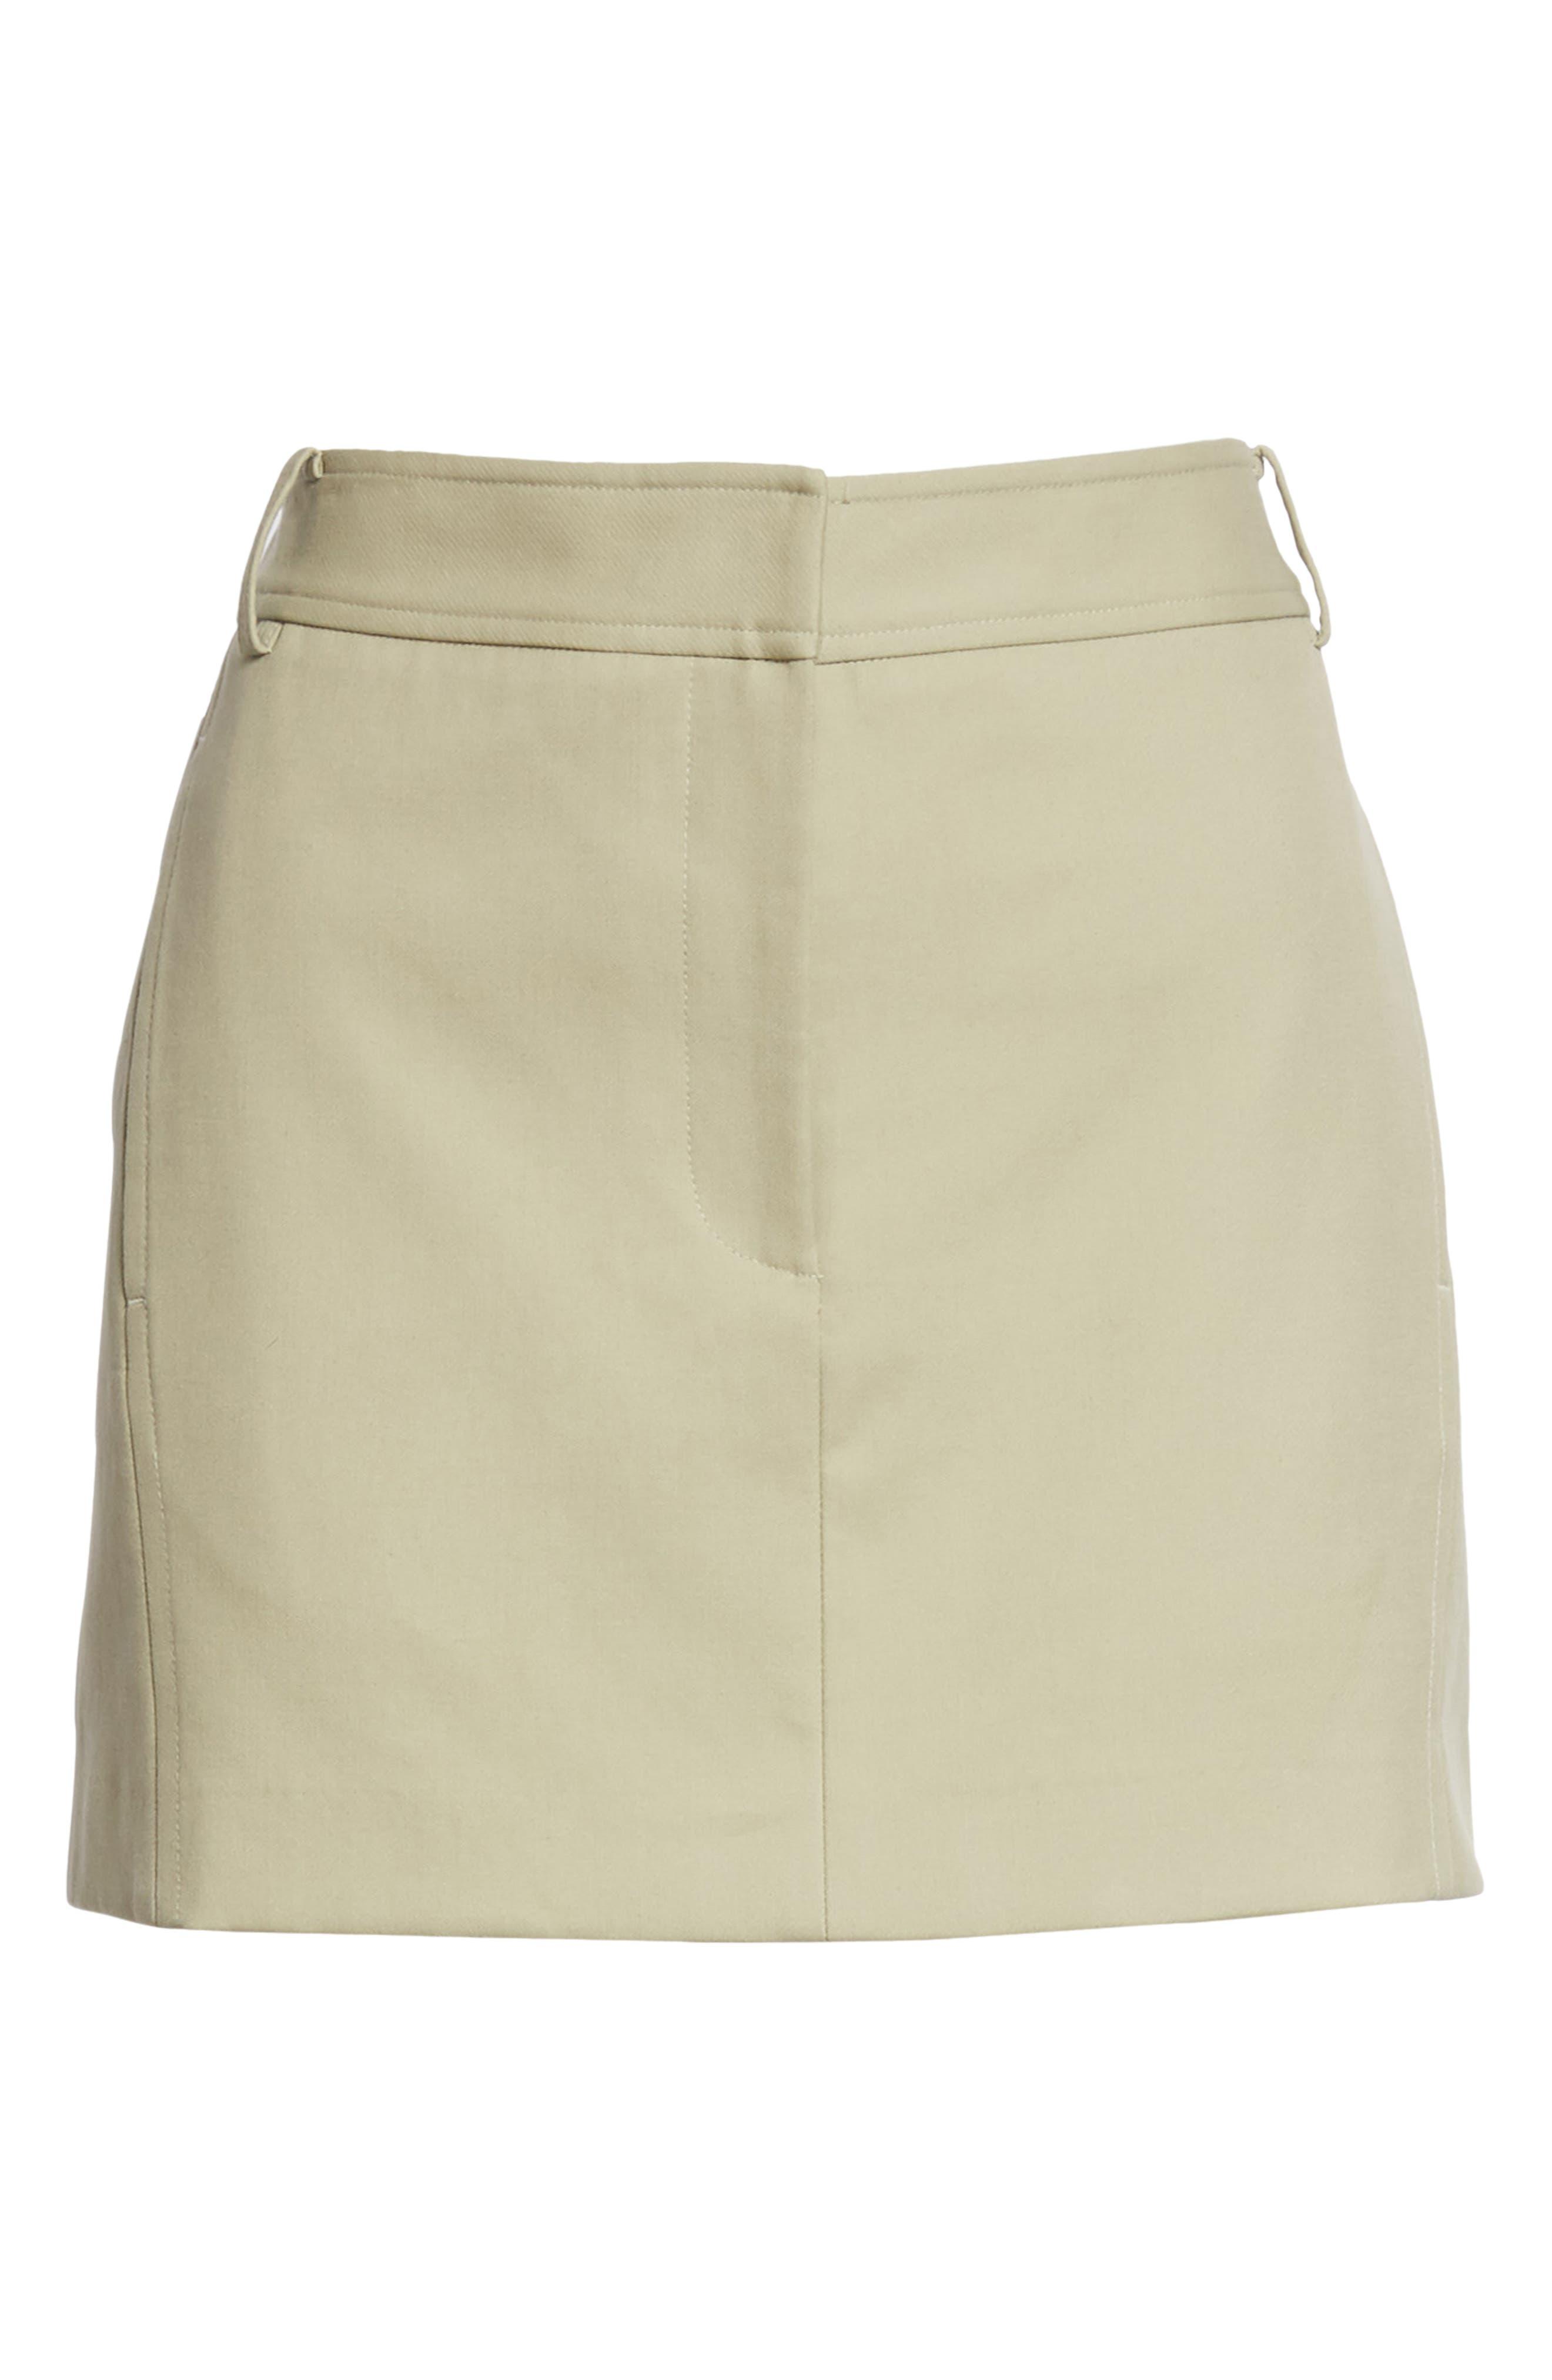 Margaux Miniskirt,                             Alternate thumbnail 6, color,